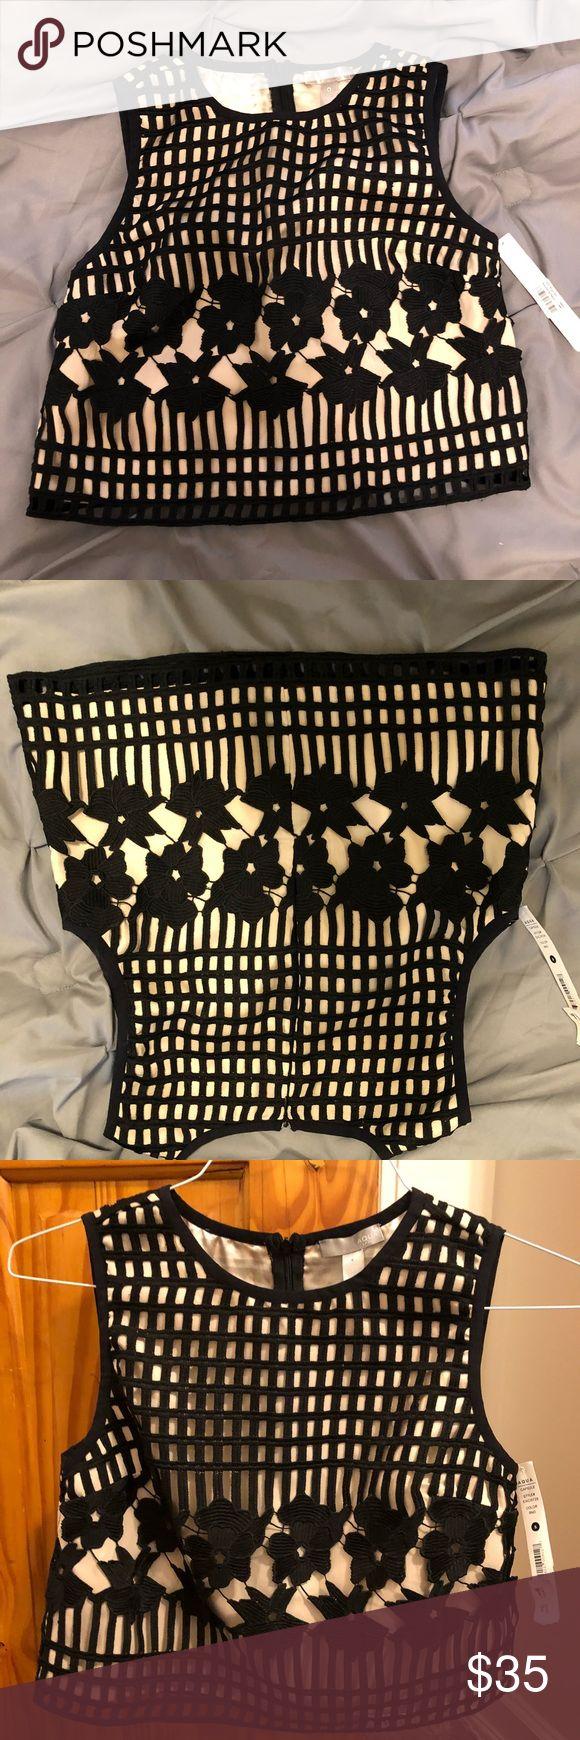 Bloomingdales Aqua Top Brand new  Never worn, labels still attached  Too big for me Aqua Tops